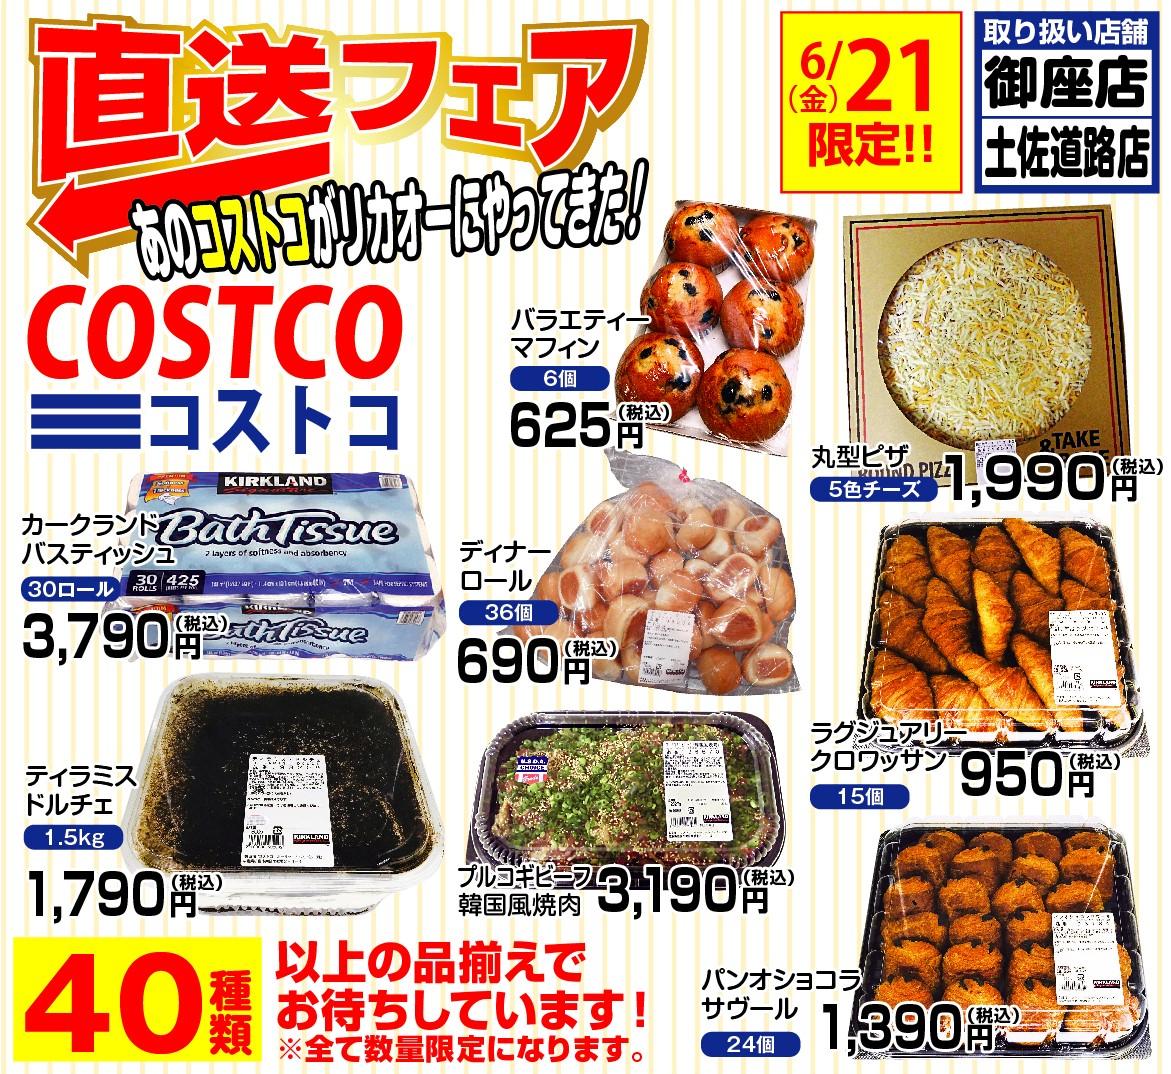 6/21(金)コストコ直送フェア開催のお知らせ